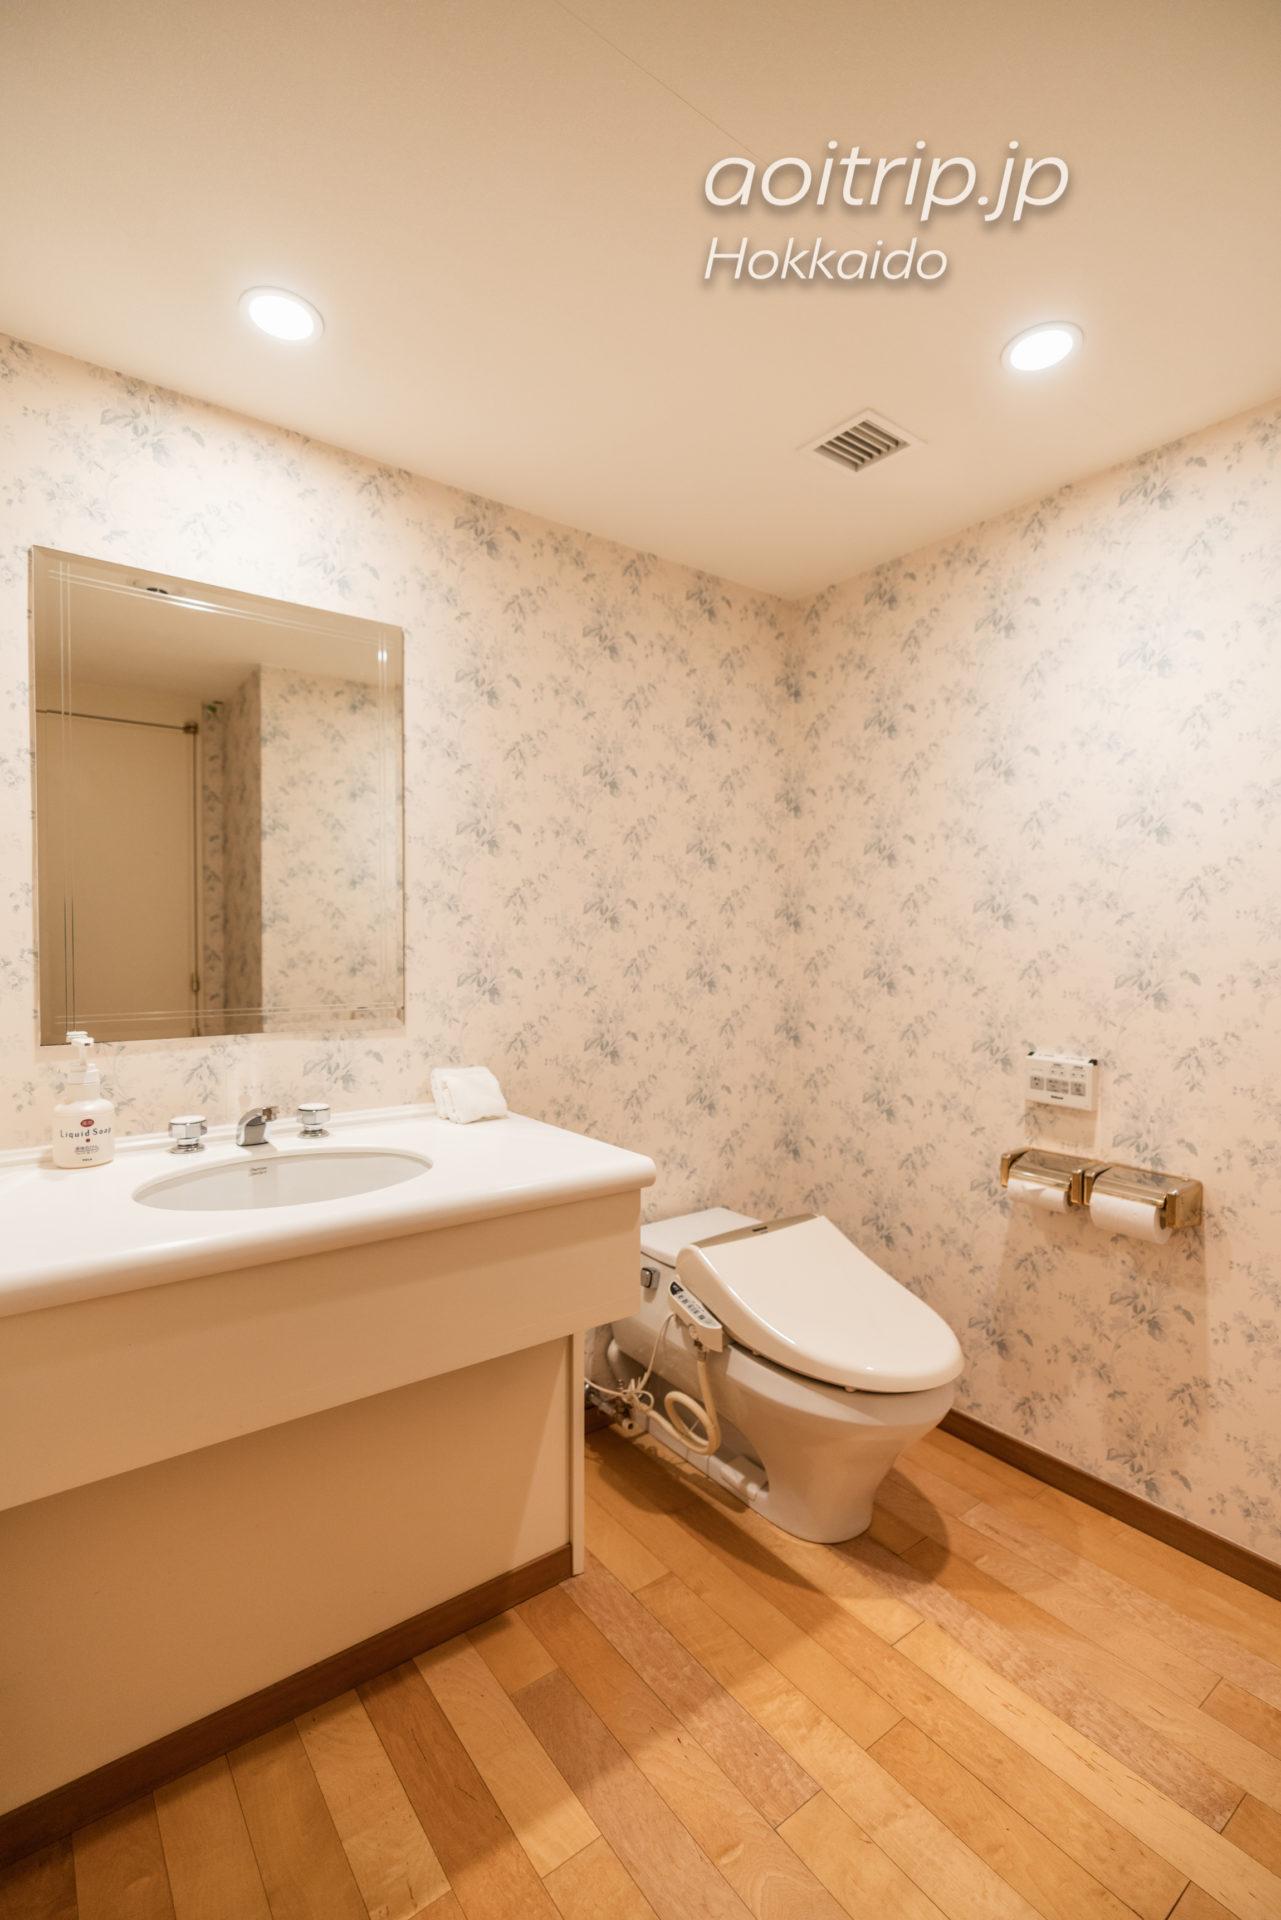 星野リゾート リゾナーレトマム 宿泊記 Hoshino Risonare Tomamu トイレ